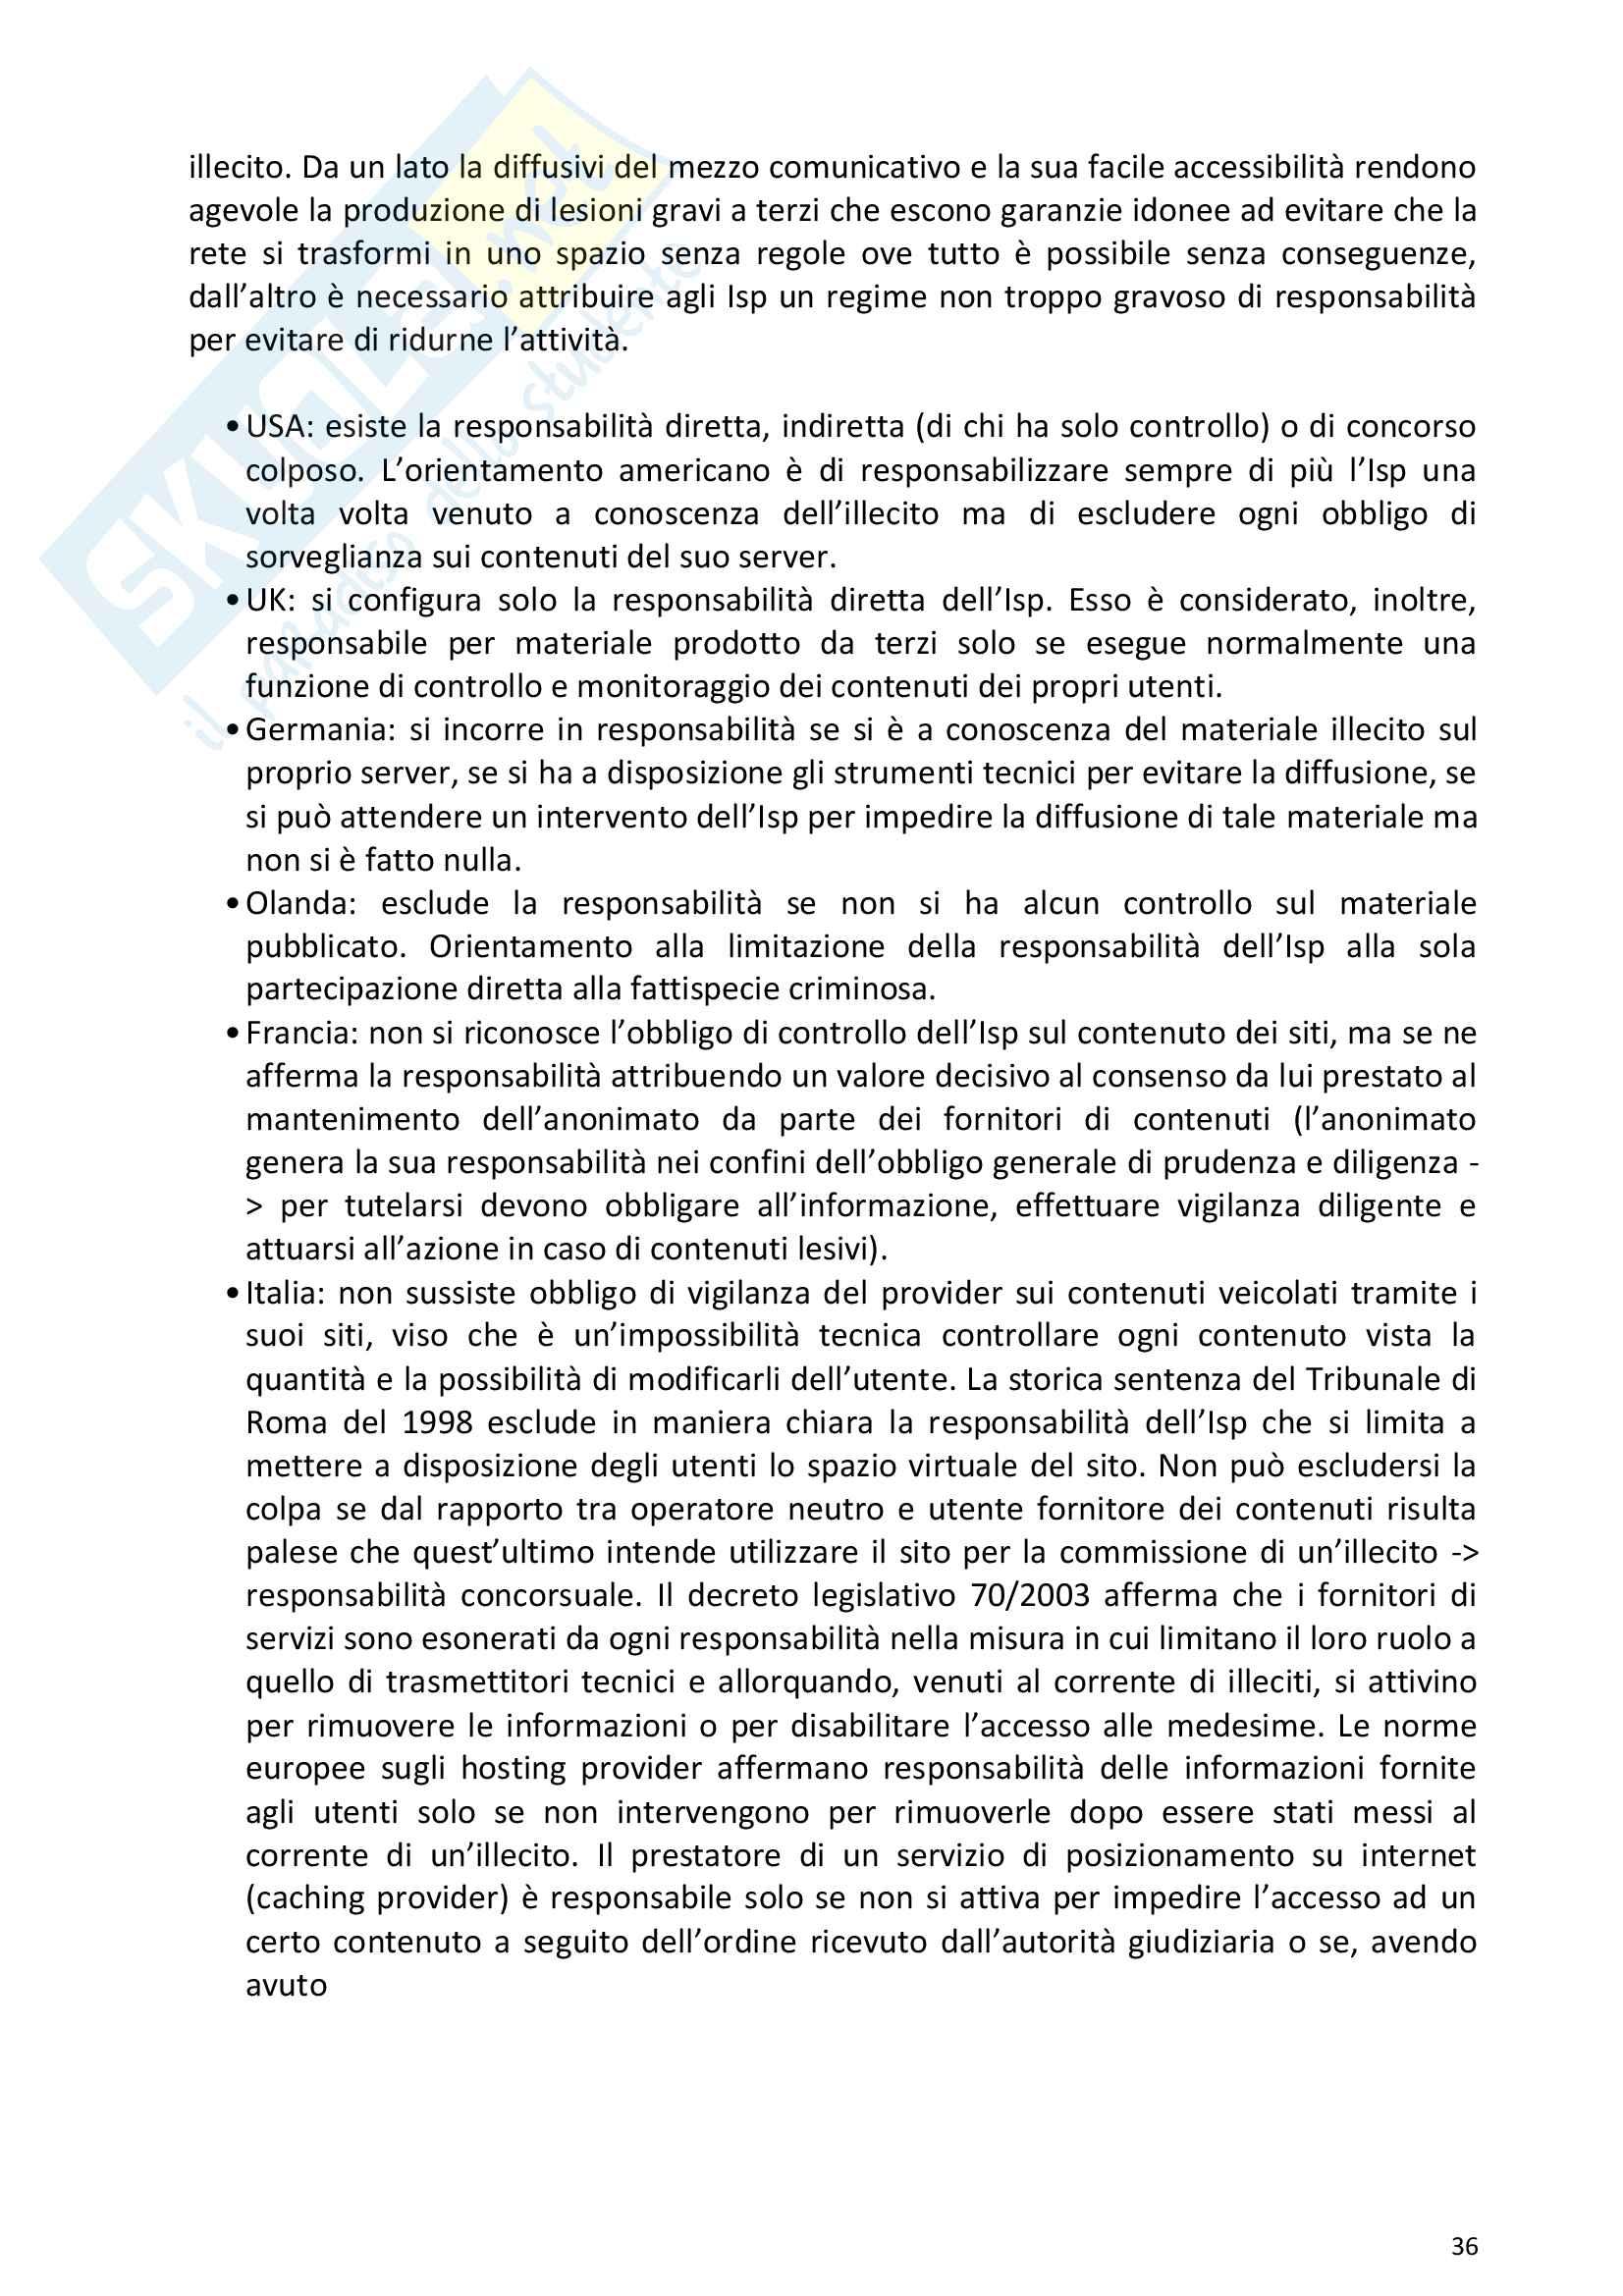 Riassunto esame Diritto della comunicazione per le imprese e i media, prof. Razzante. Libro consigliato Manuale di diritto dell'informazione e della comunicazione (Settima 7 edizione), Razzante (cap. 1,3,5,6,7,8,9) Pag. 36